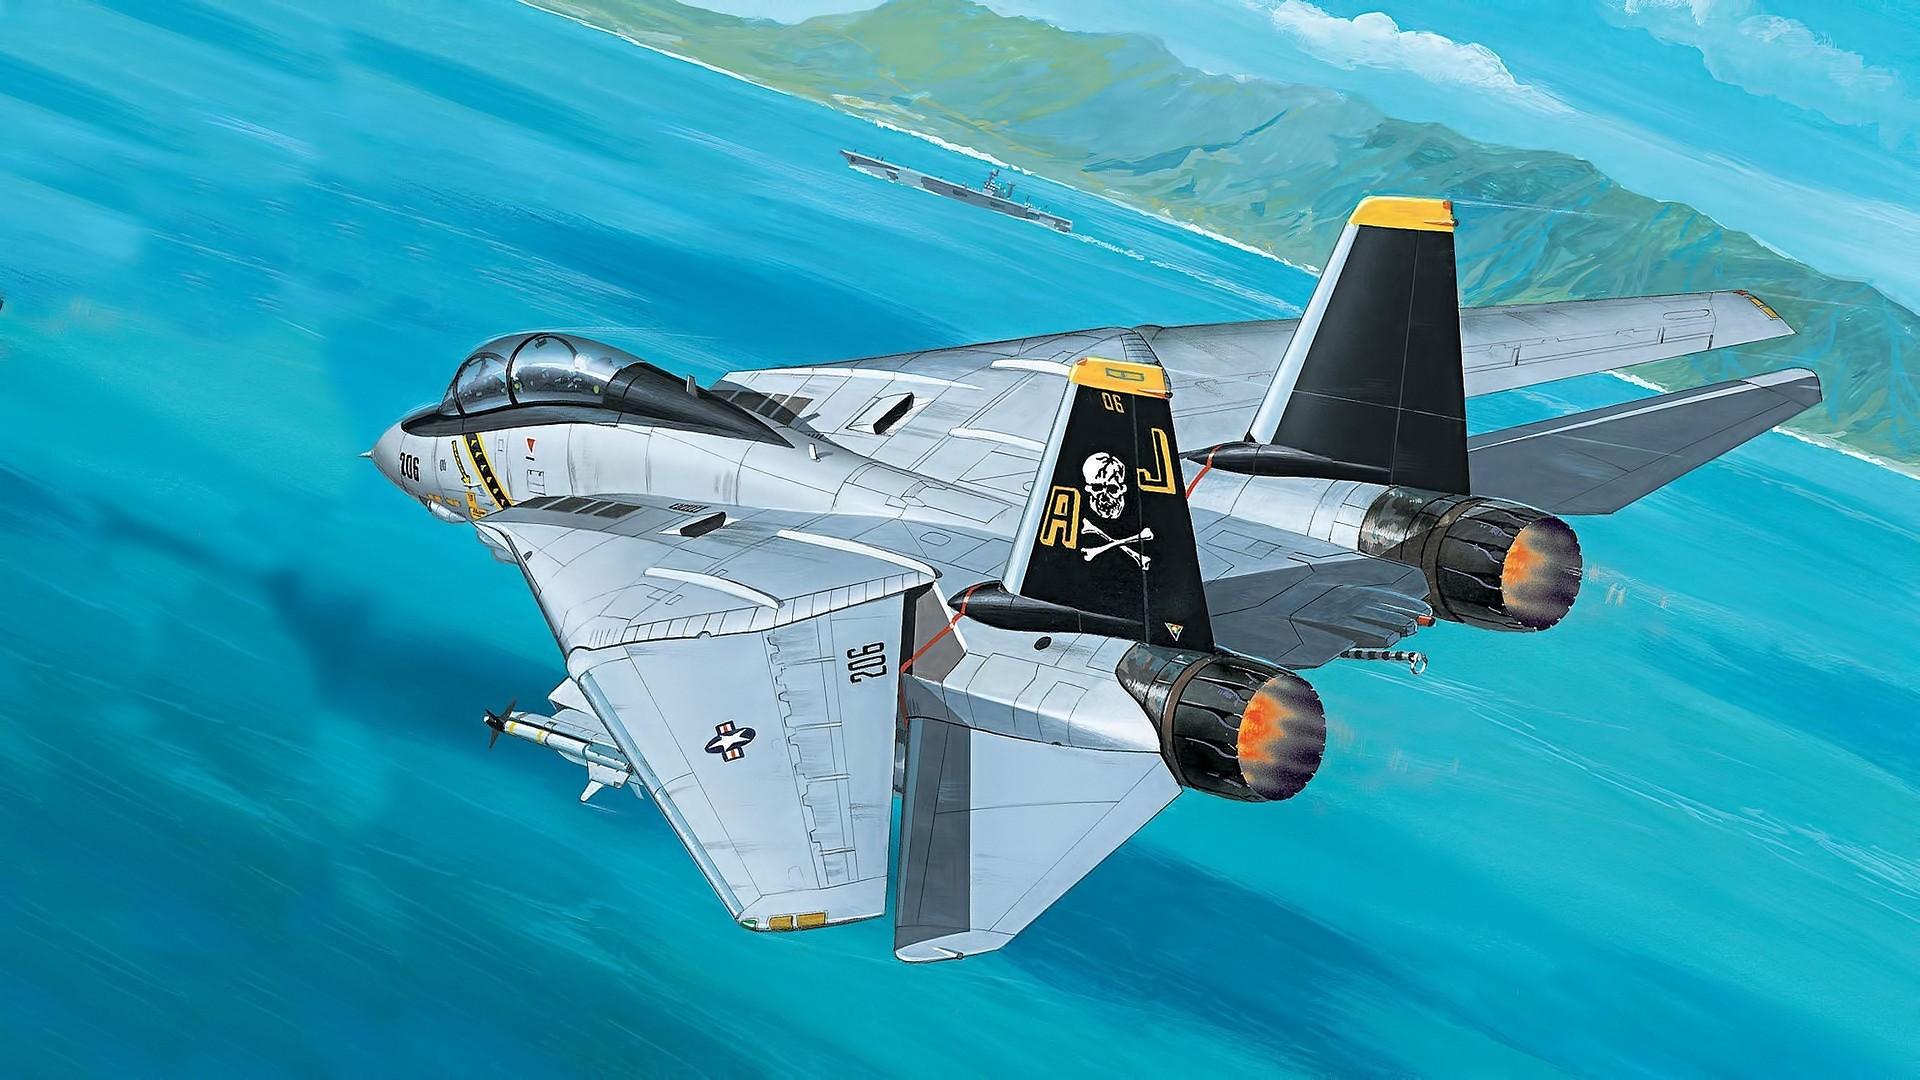 Masaüstü Boyama Araç Uçak Askeri Uçak Lockheed Martin F 22